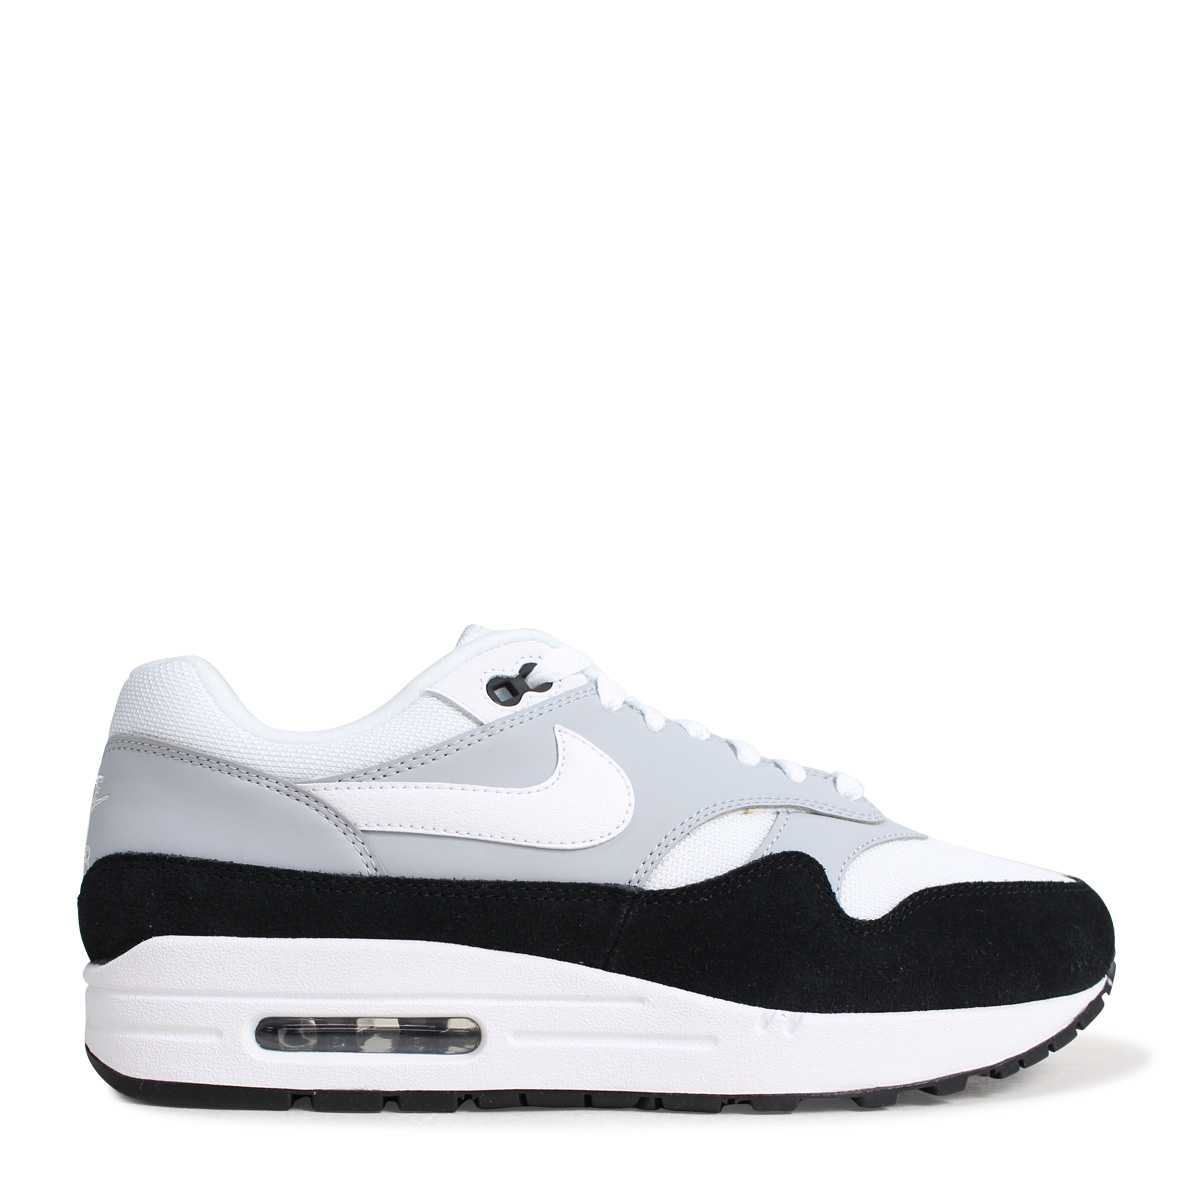 NIKE AIR MAX 1 Kie Ney AMAX 1 sneakers men AH8145 003 gray